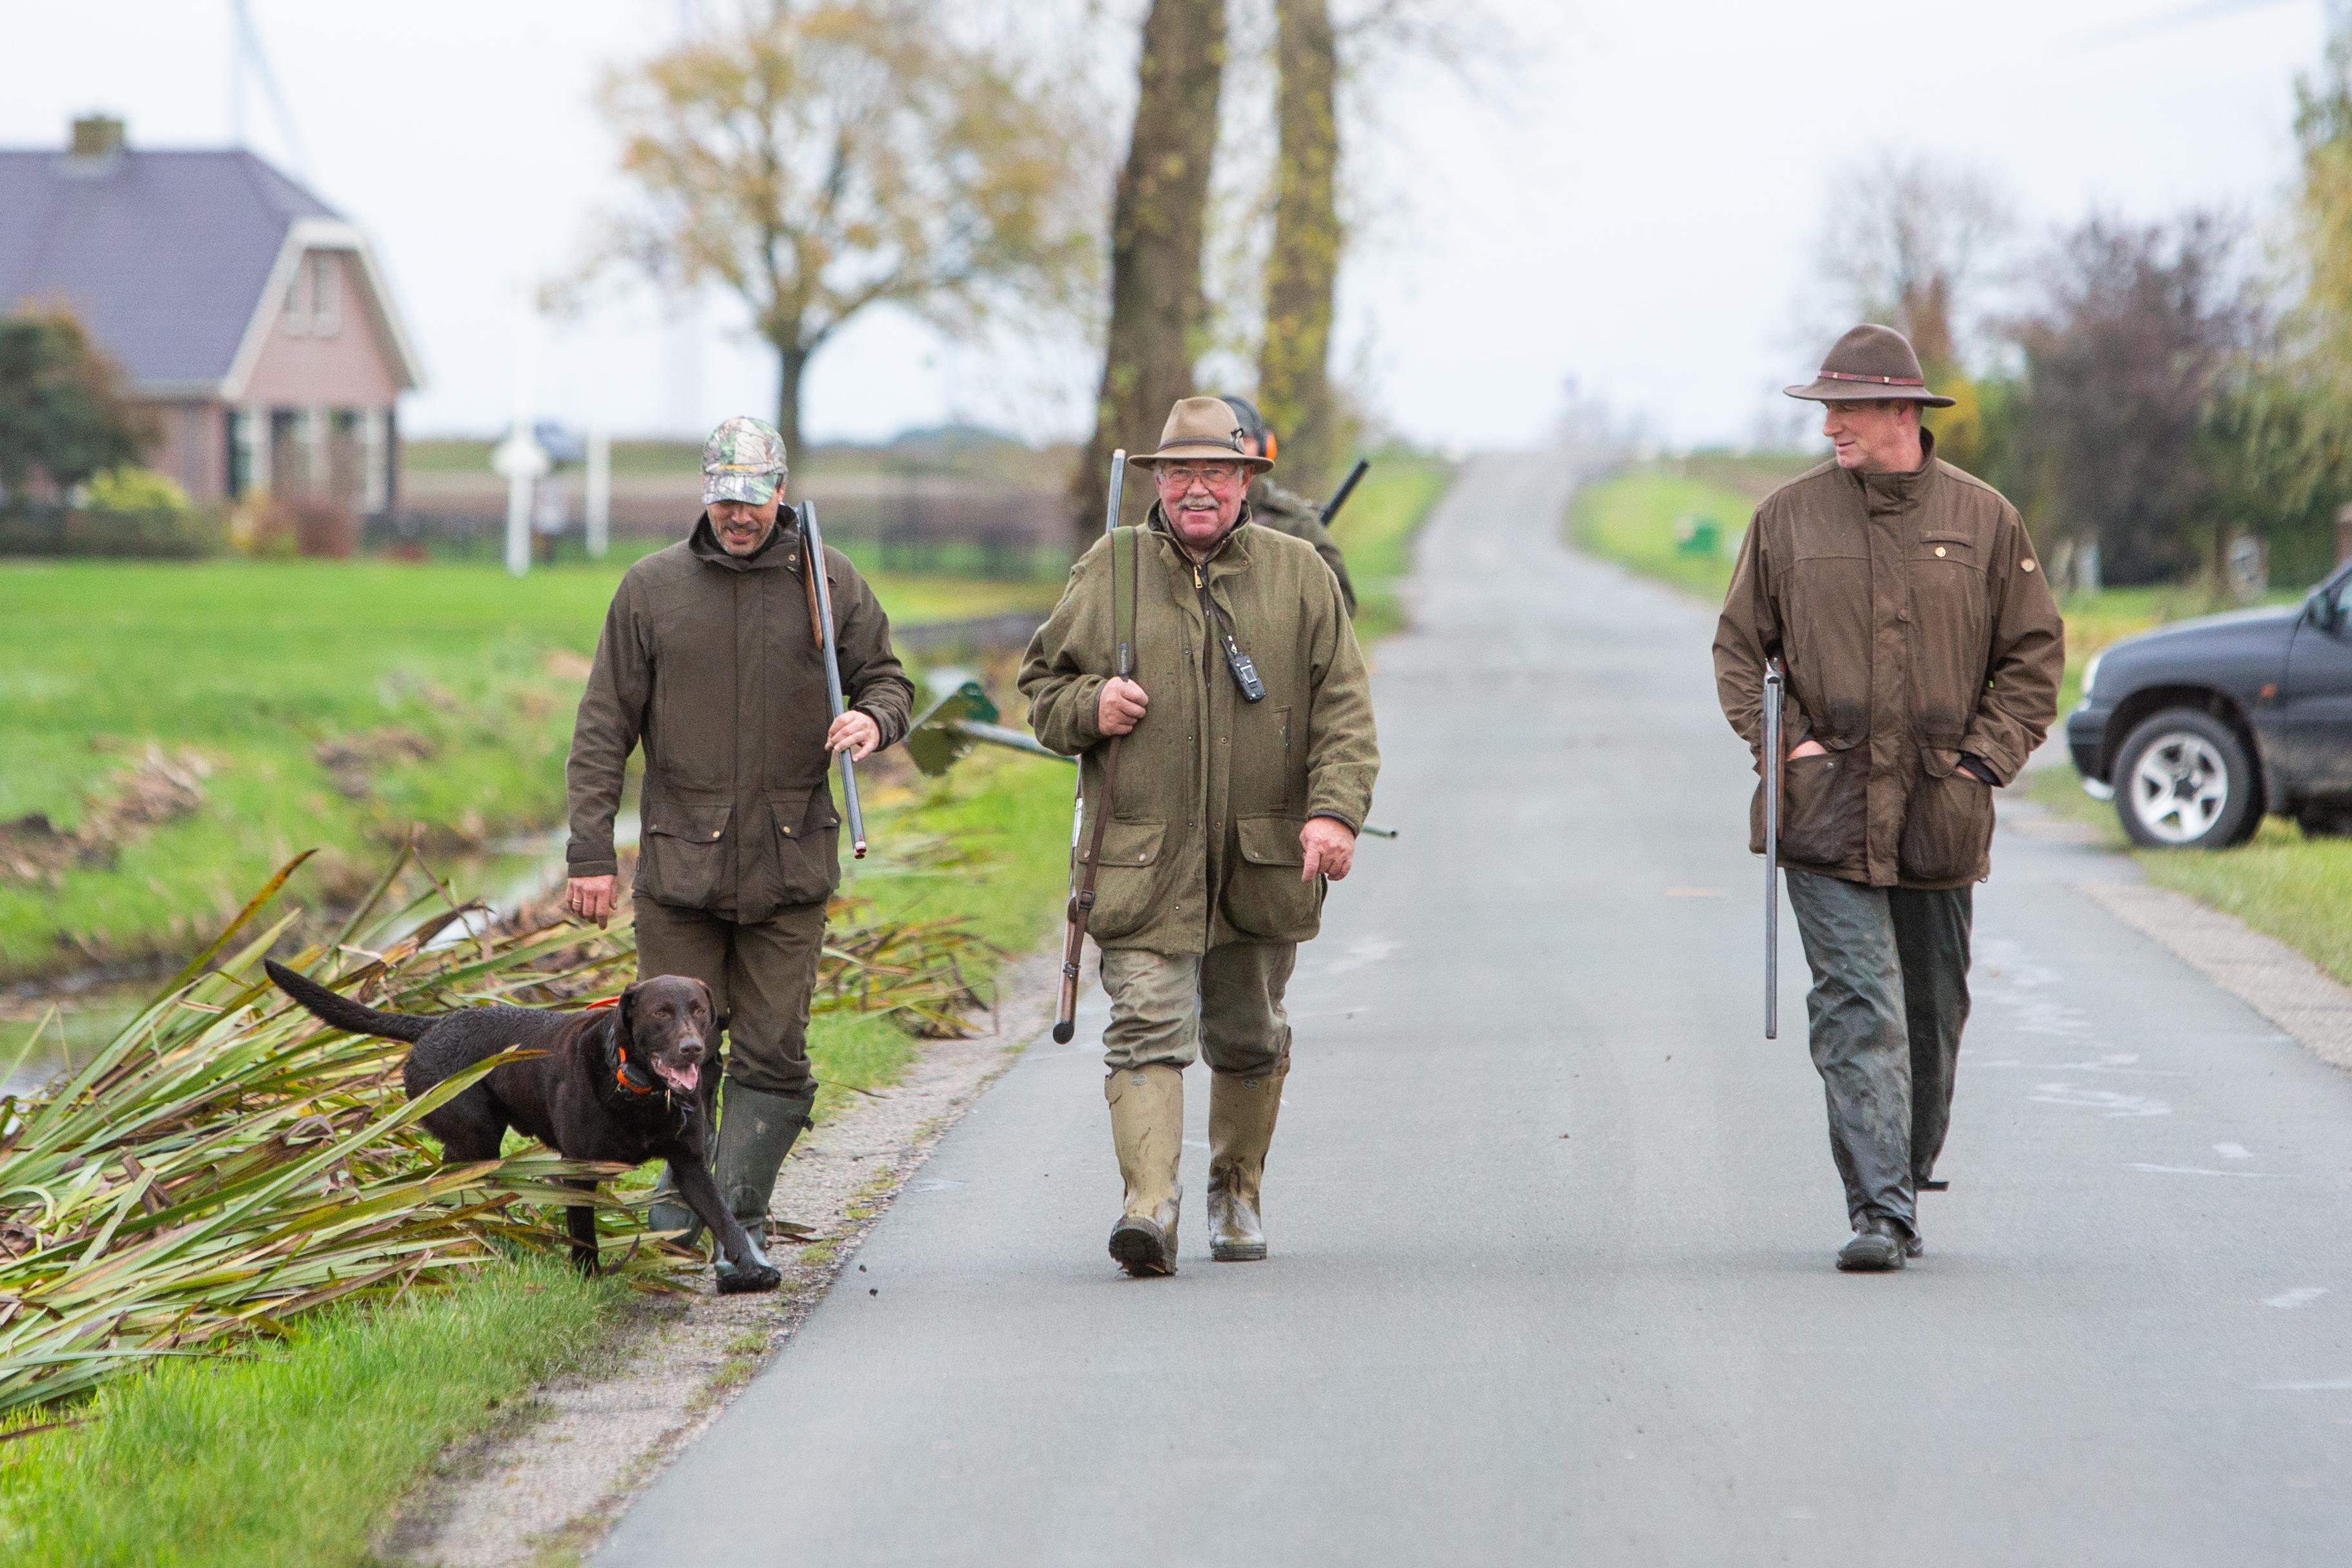 Provincie Utrecht verleent vergunning voor afschieten knobbelzwanen, jager Jan Hoolwerf legt uit waarom; 'Maar geen enkele jager schiet voor de lol een zwaan'